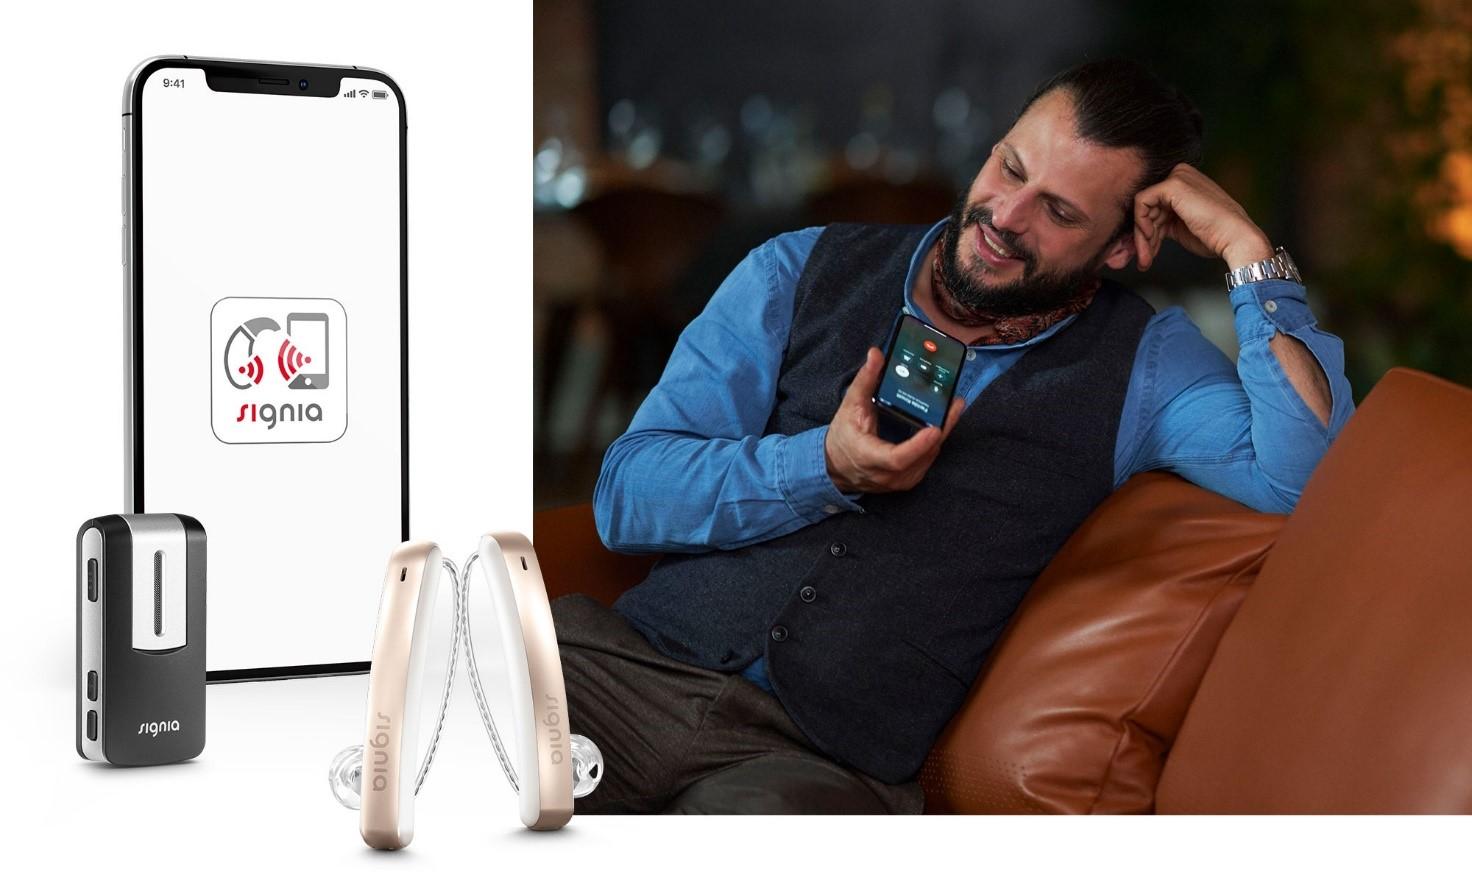 aparaty słuchowe Styletto Connect